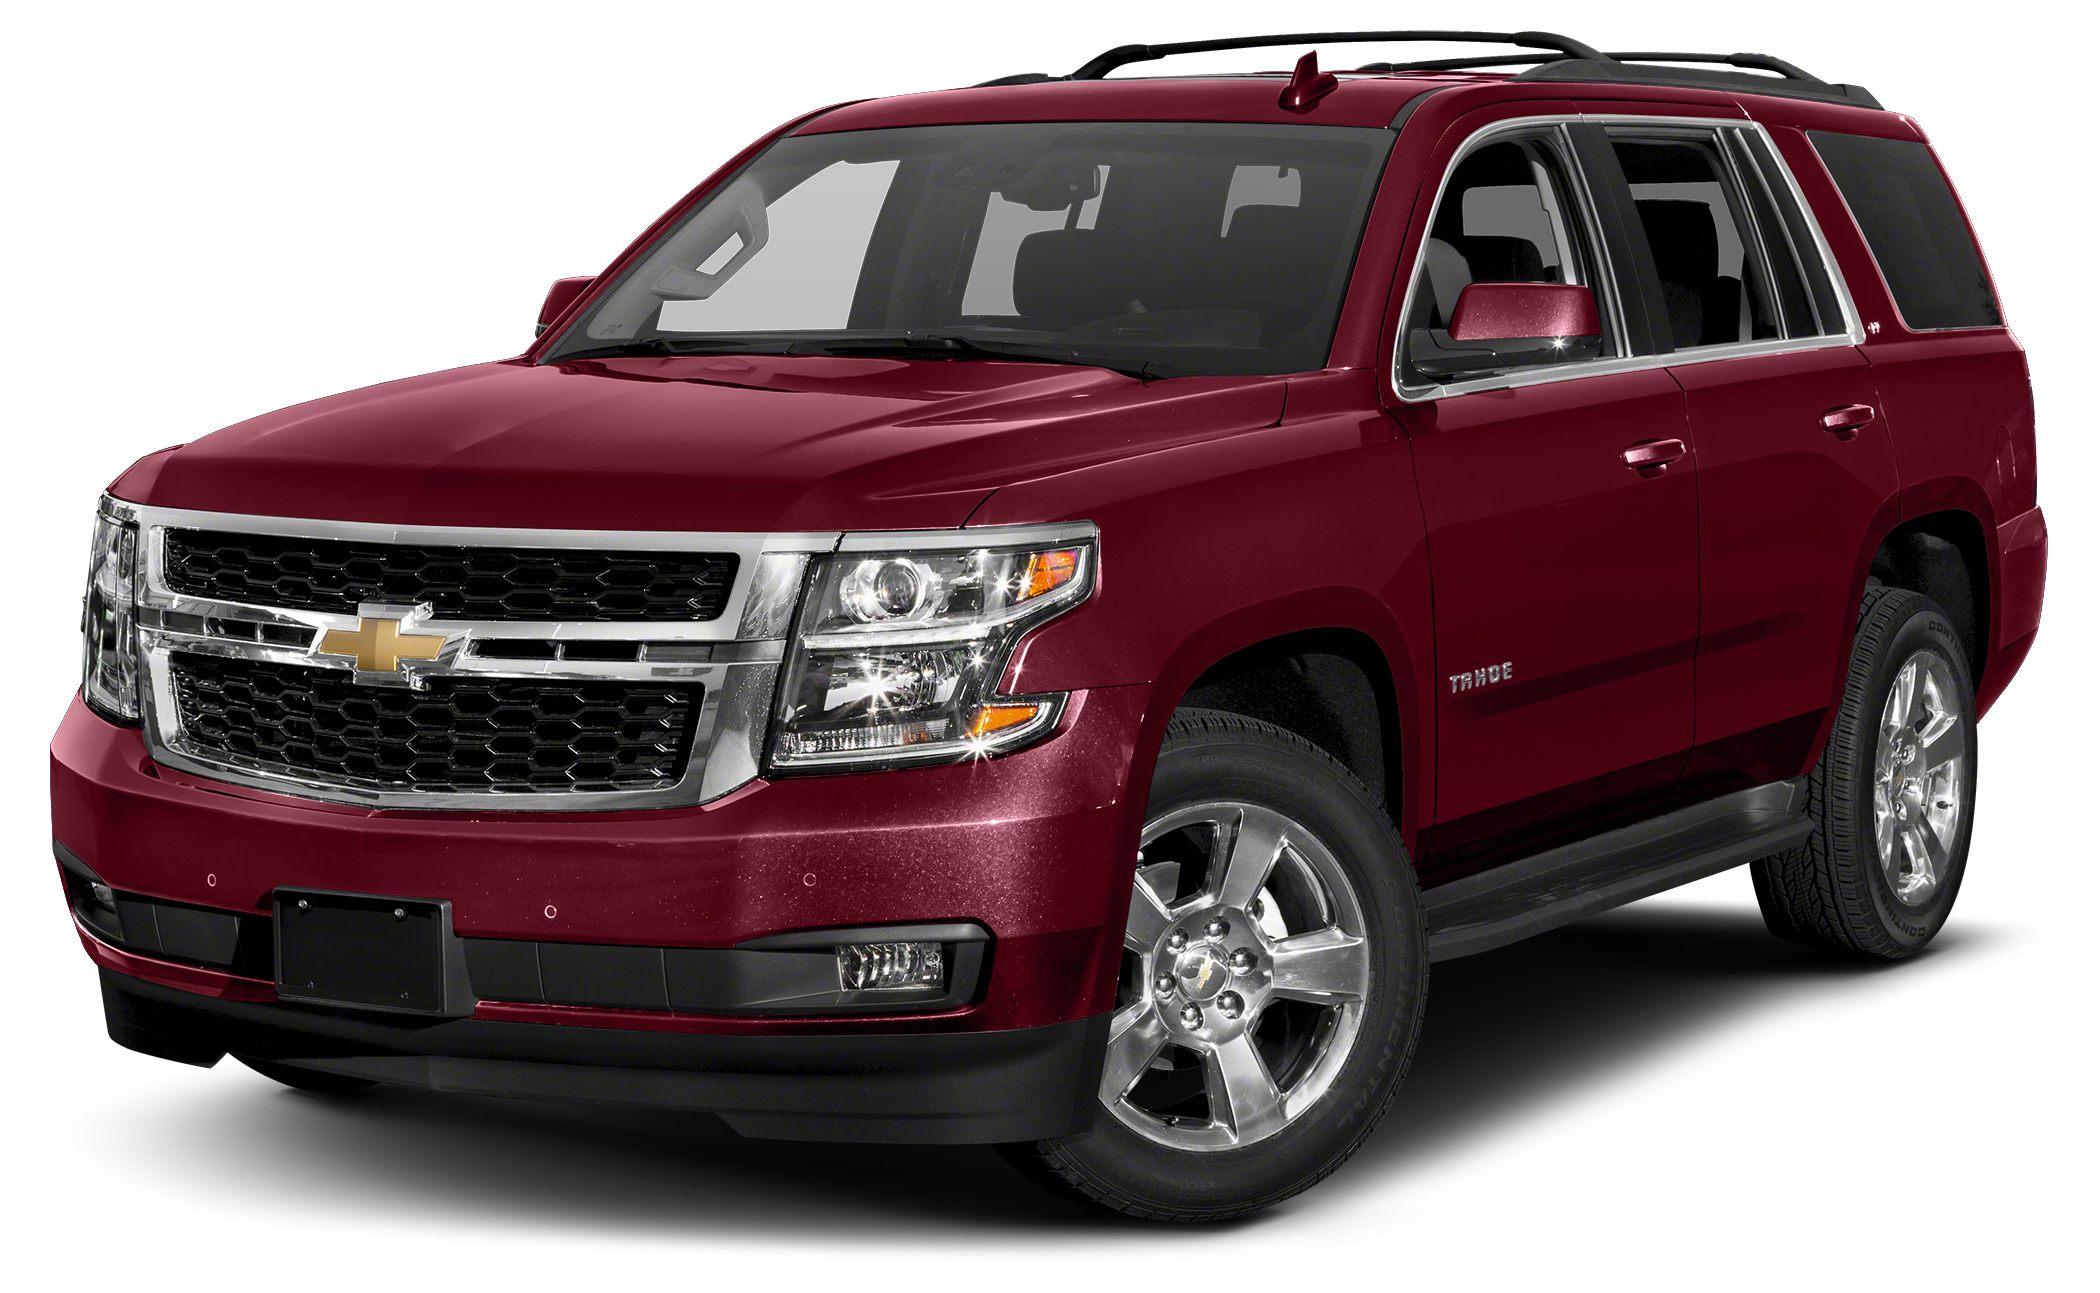 2016 Chevrolet Tahoe LT Miles 22251Color Red Stock 3875X VIN 1GNSKBKC4GR270660